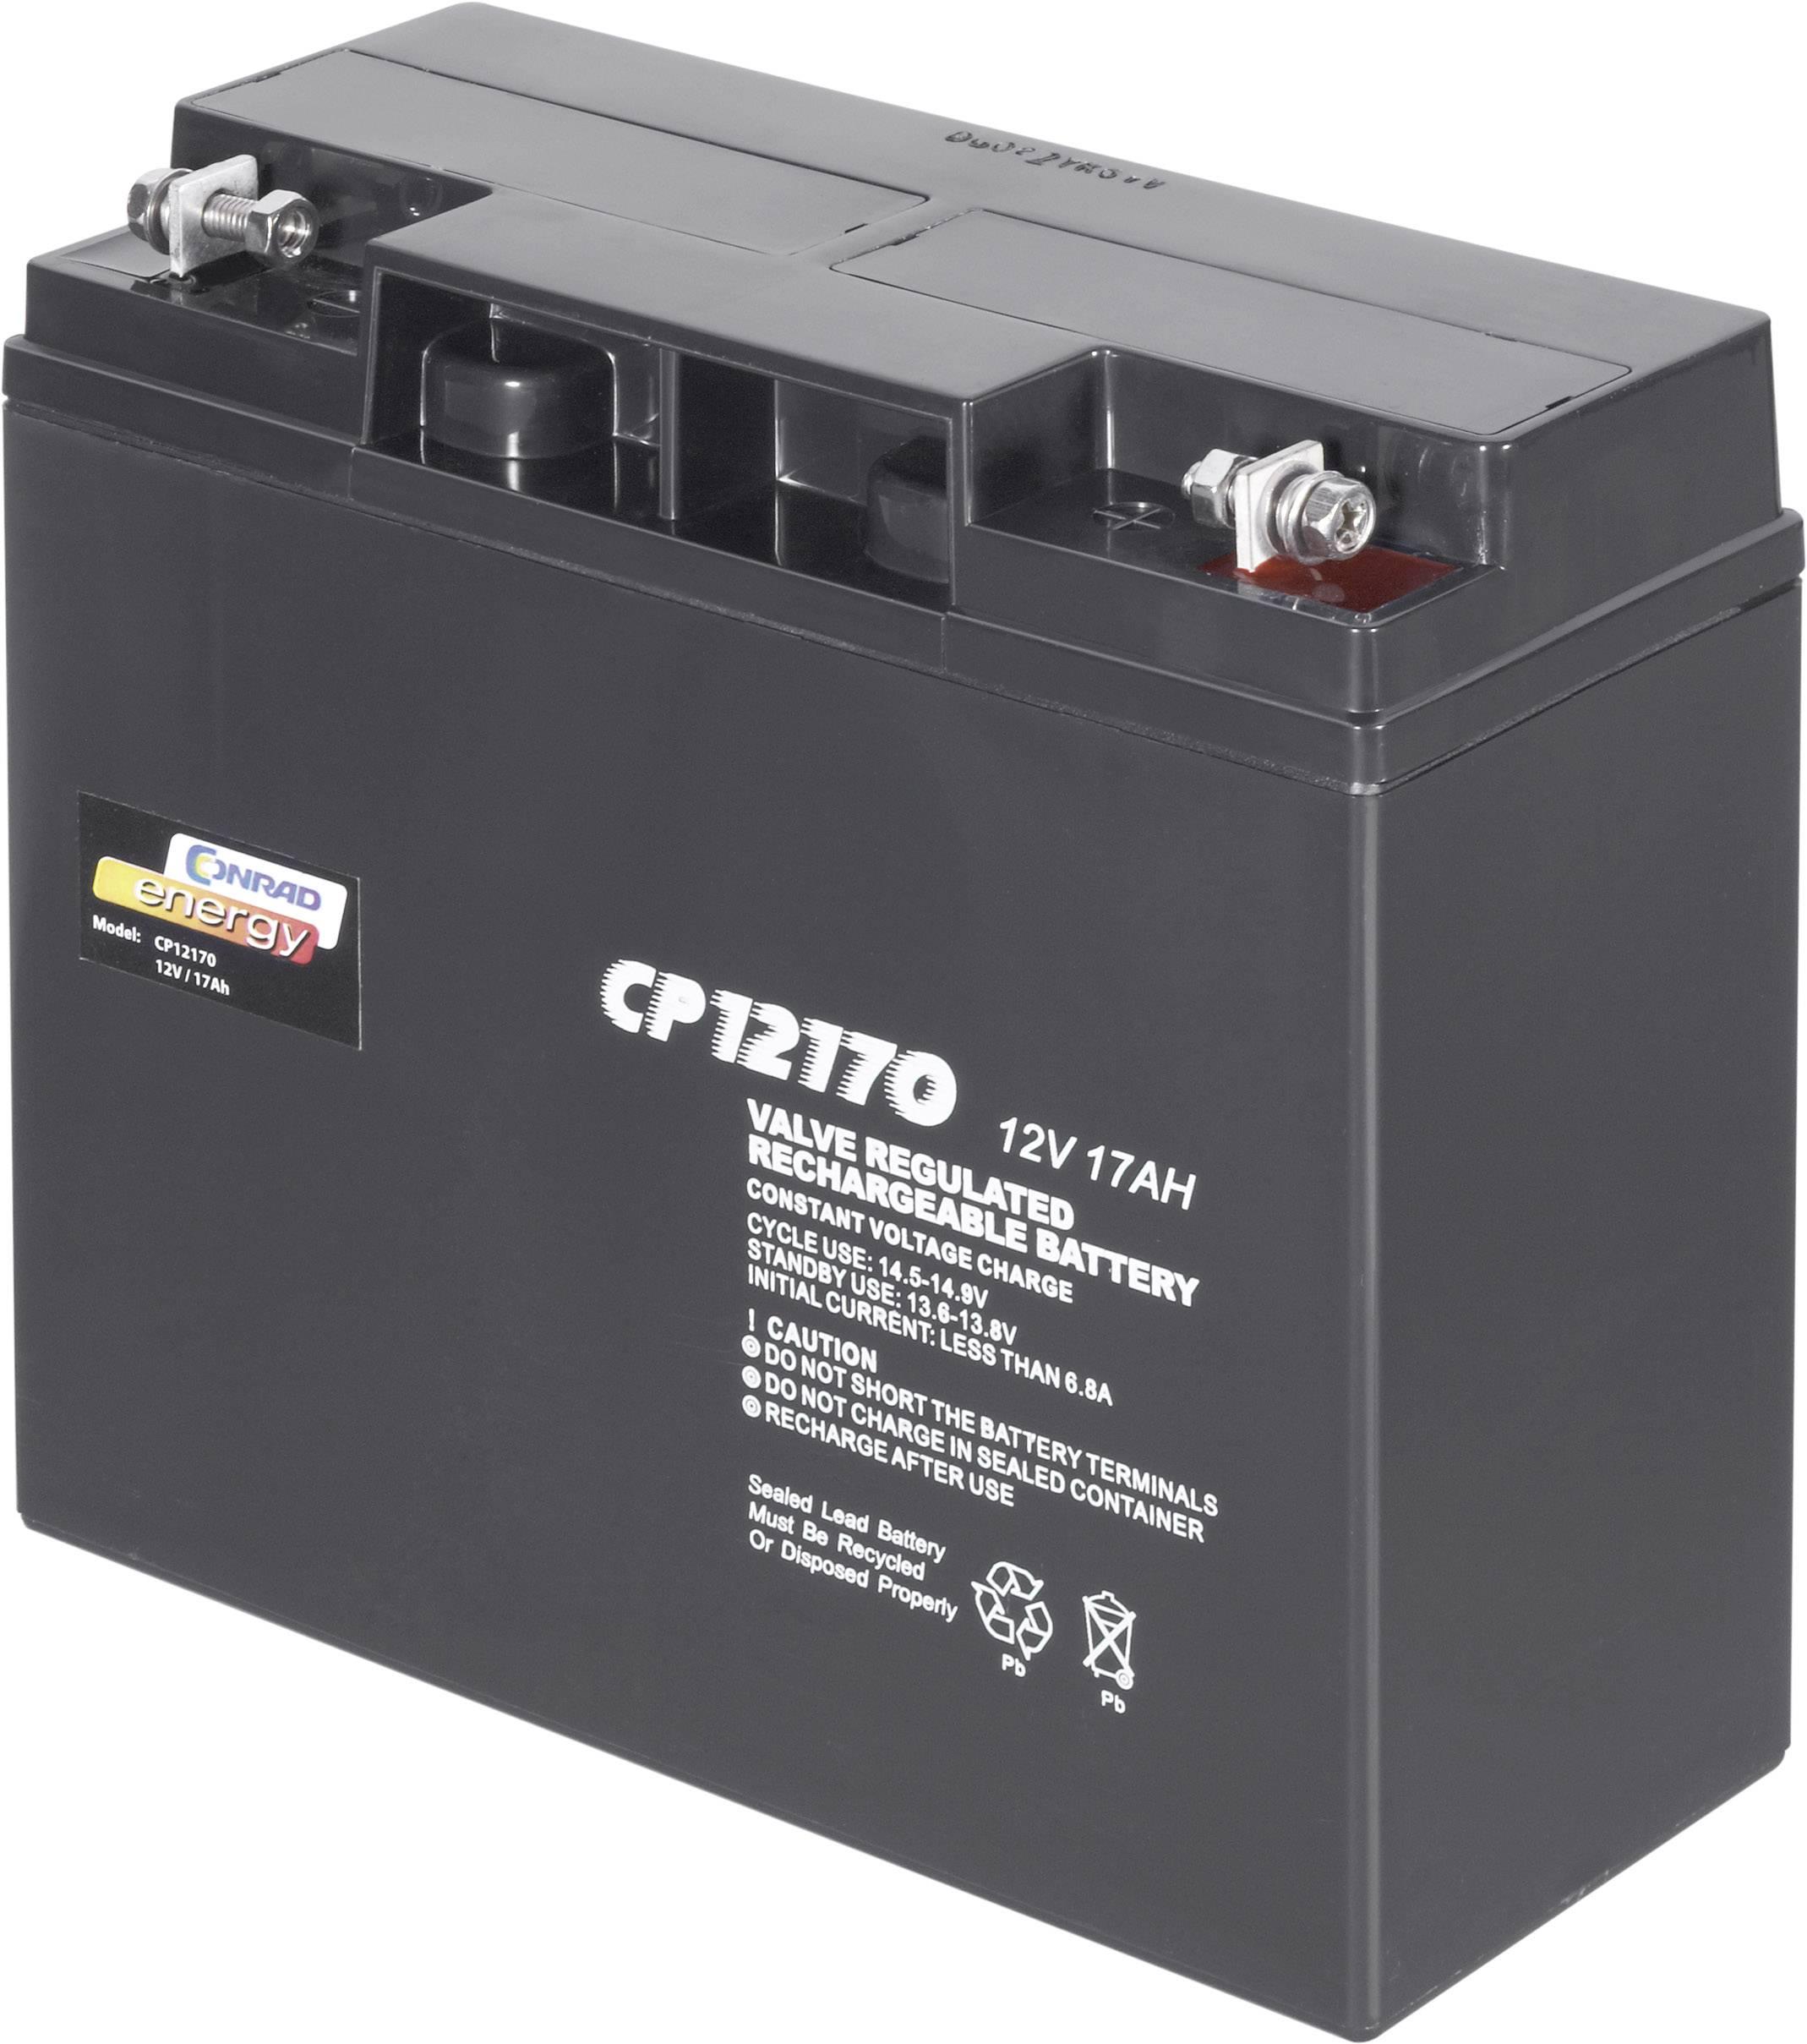 Olovený akumulátor Conrad energy CP12170 250214, 17 Ah, 12 V